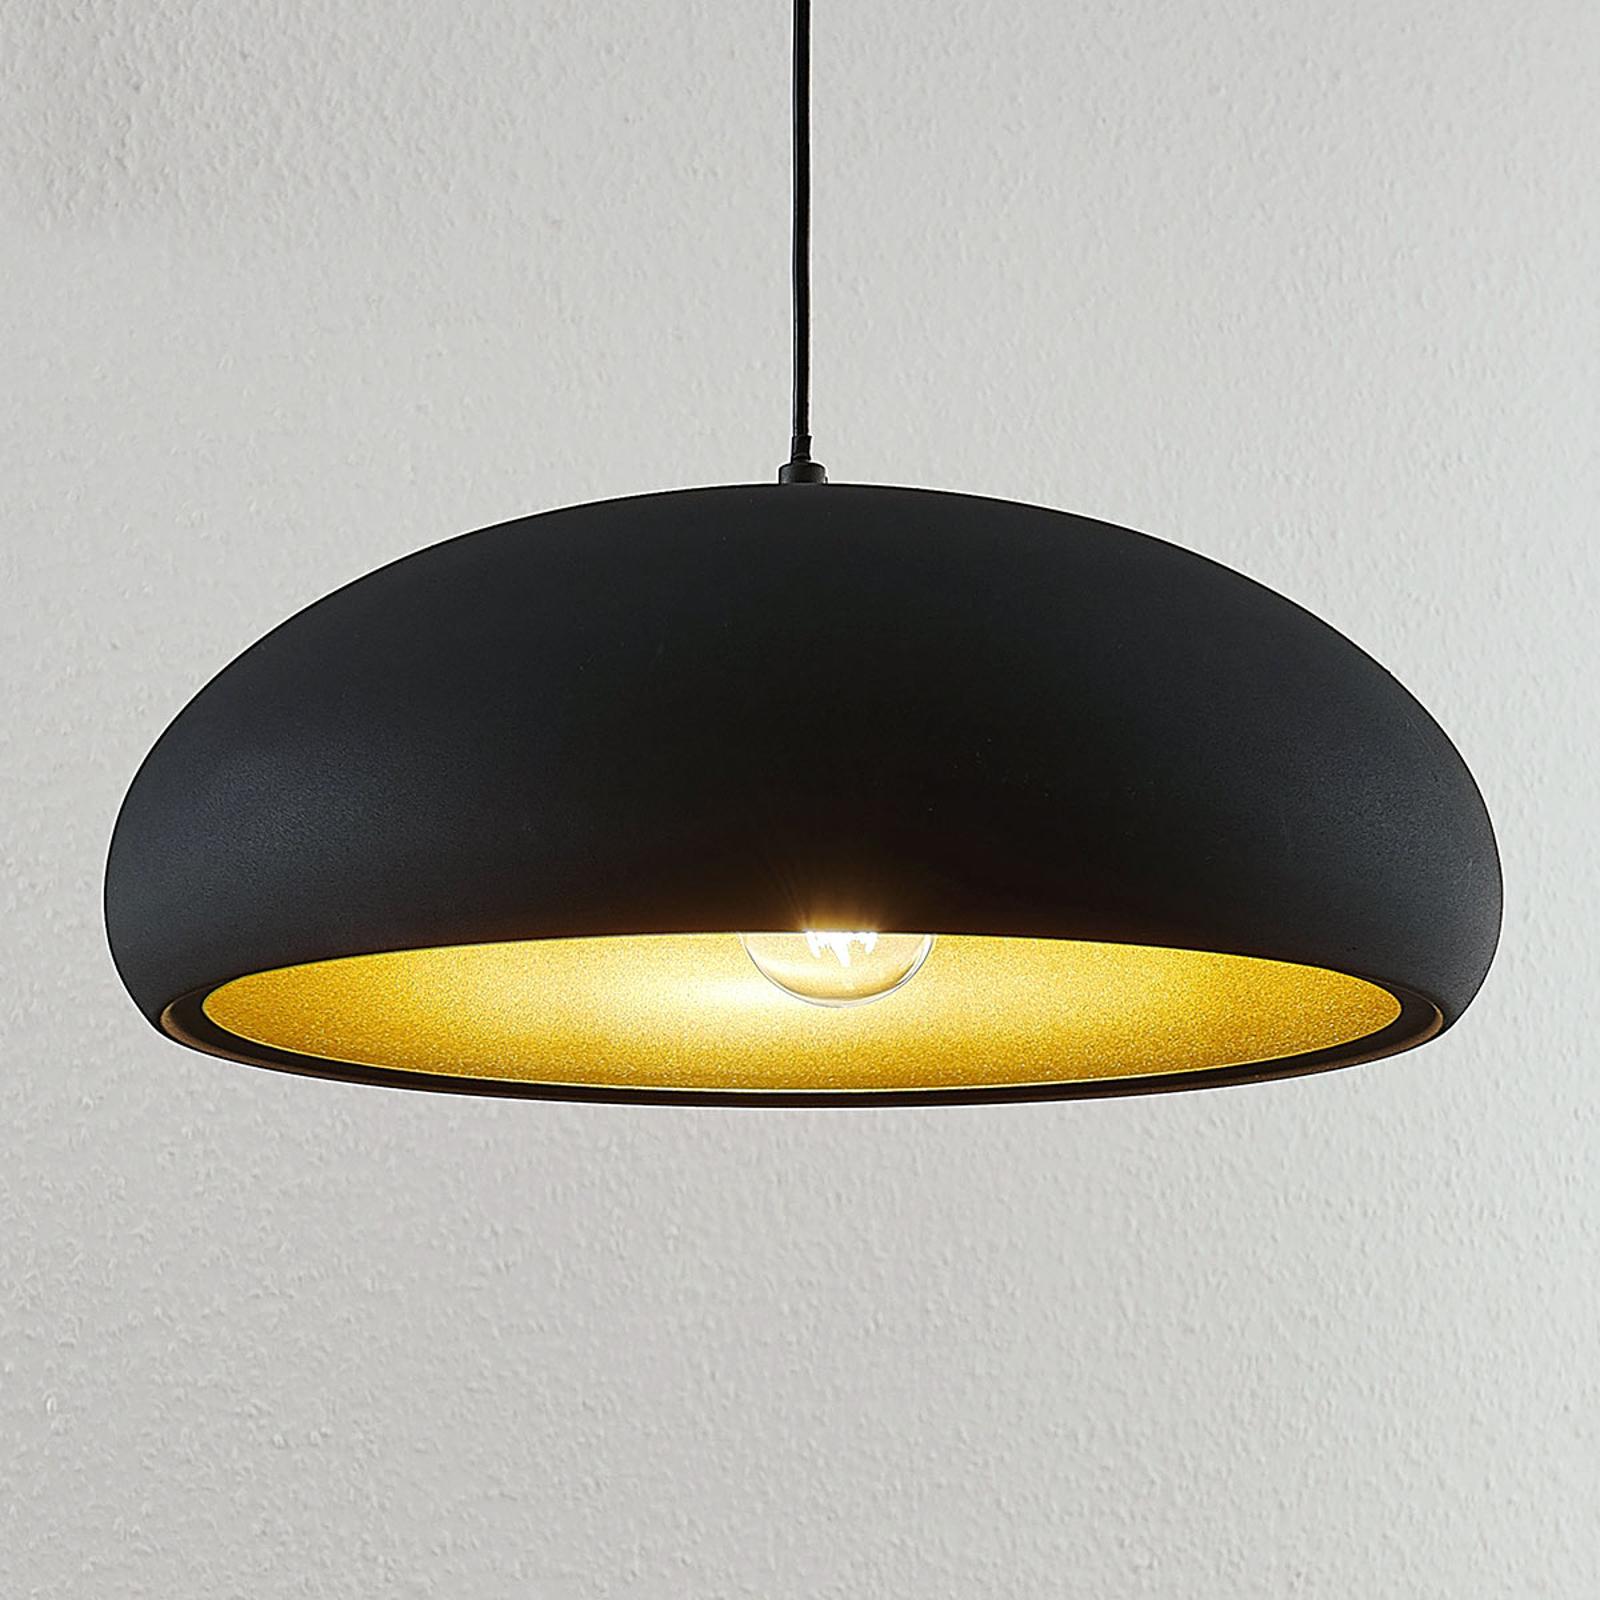 Metall-Pendellampe Gerwina, schwarz-gold